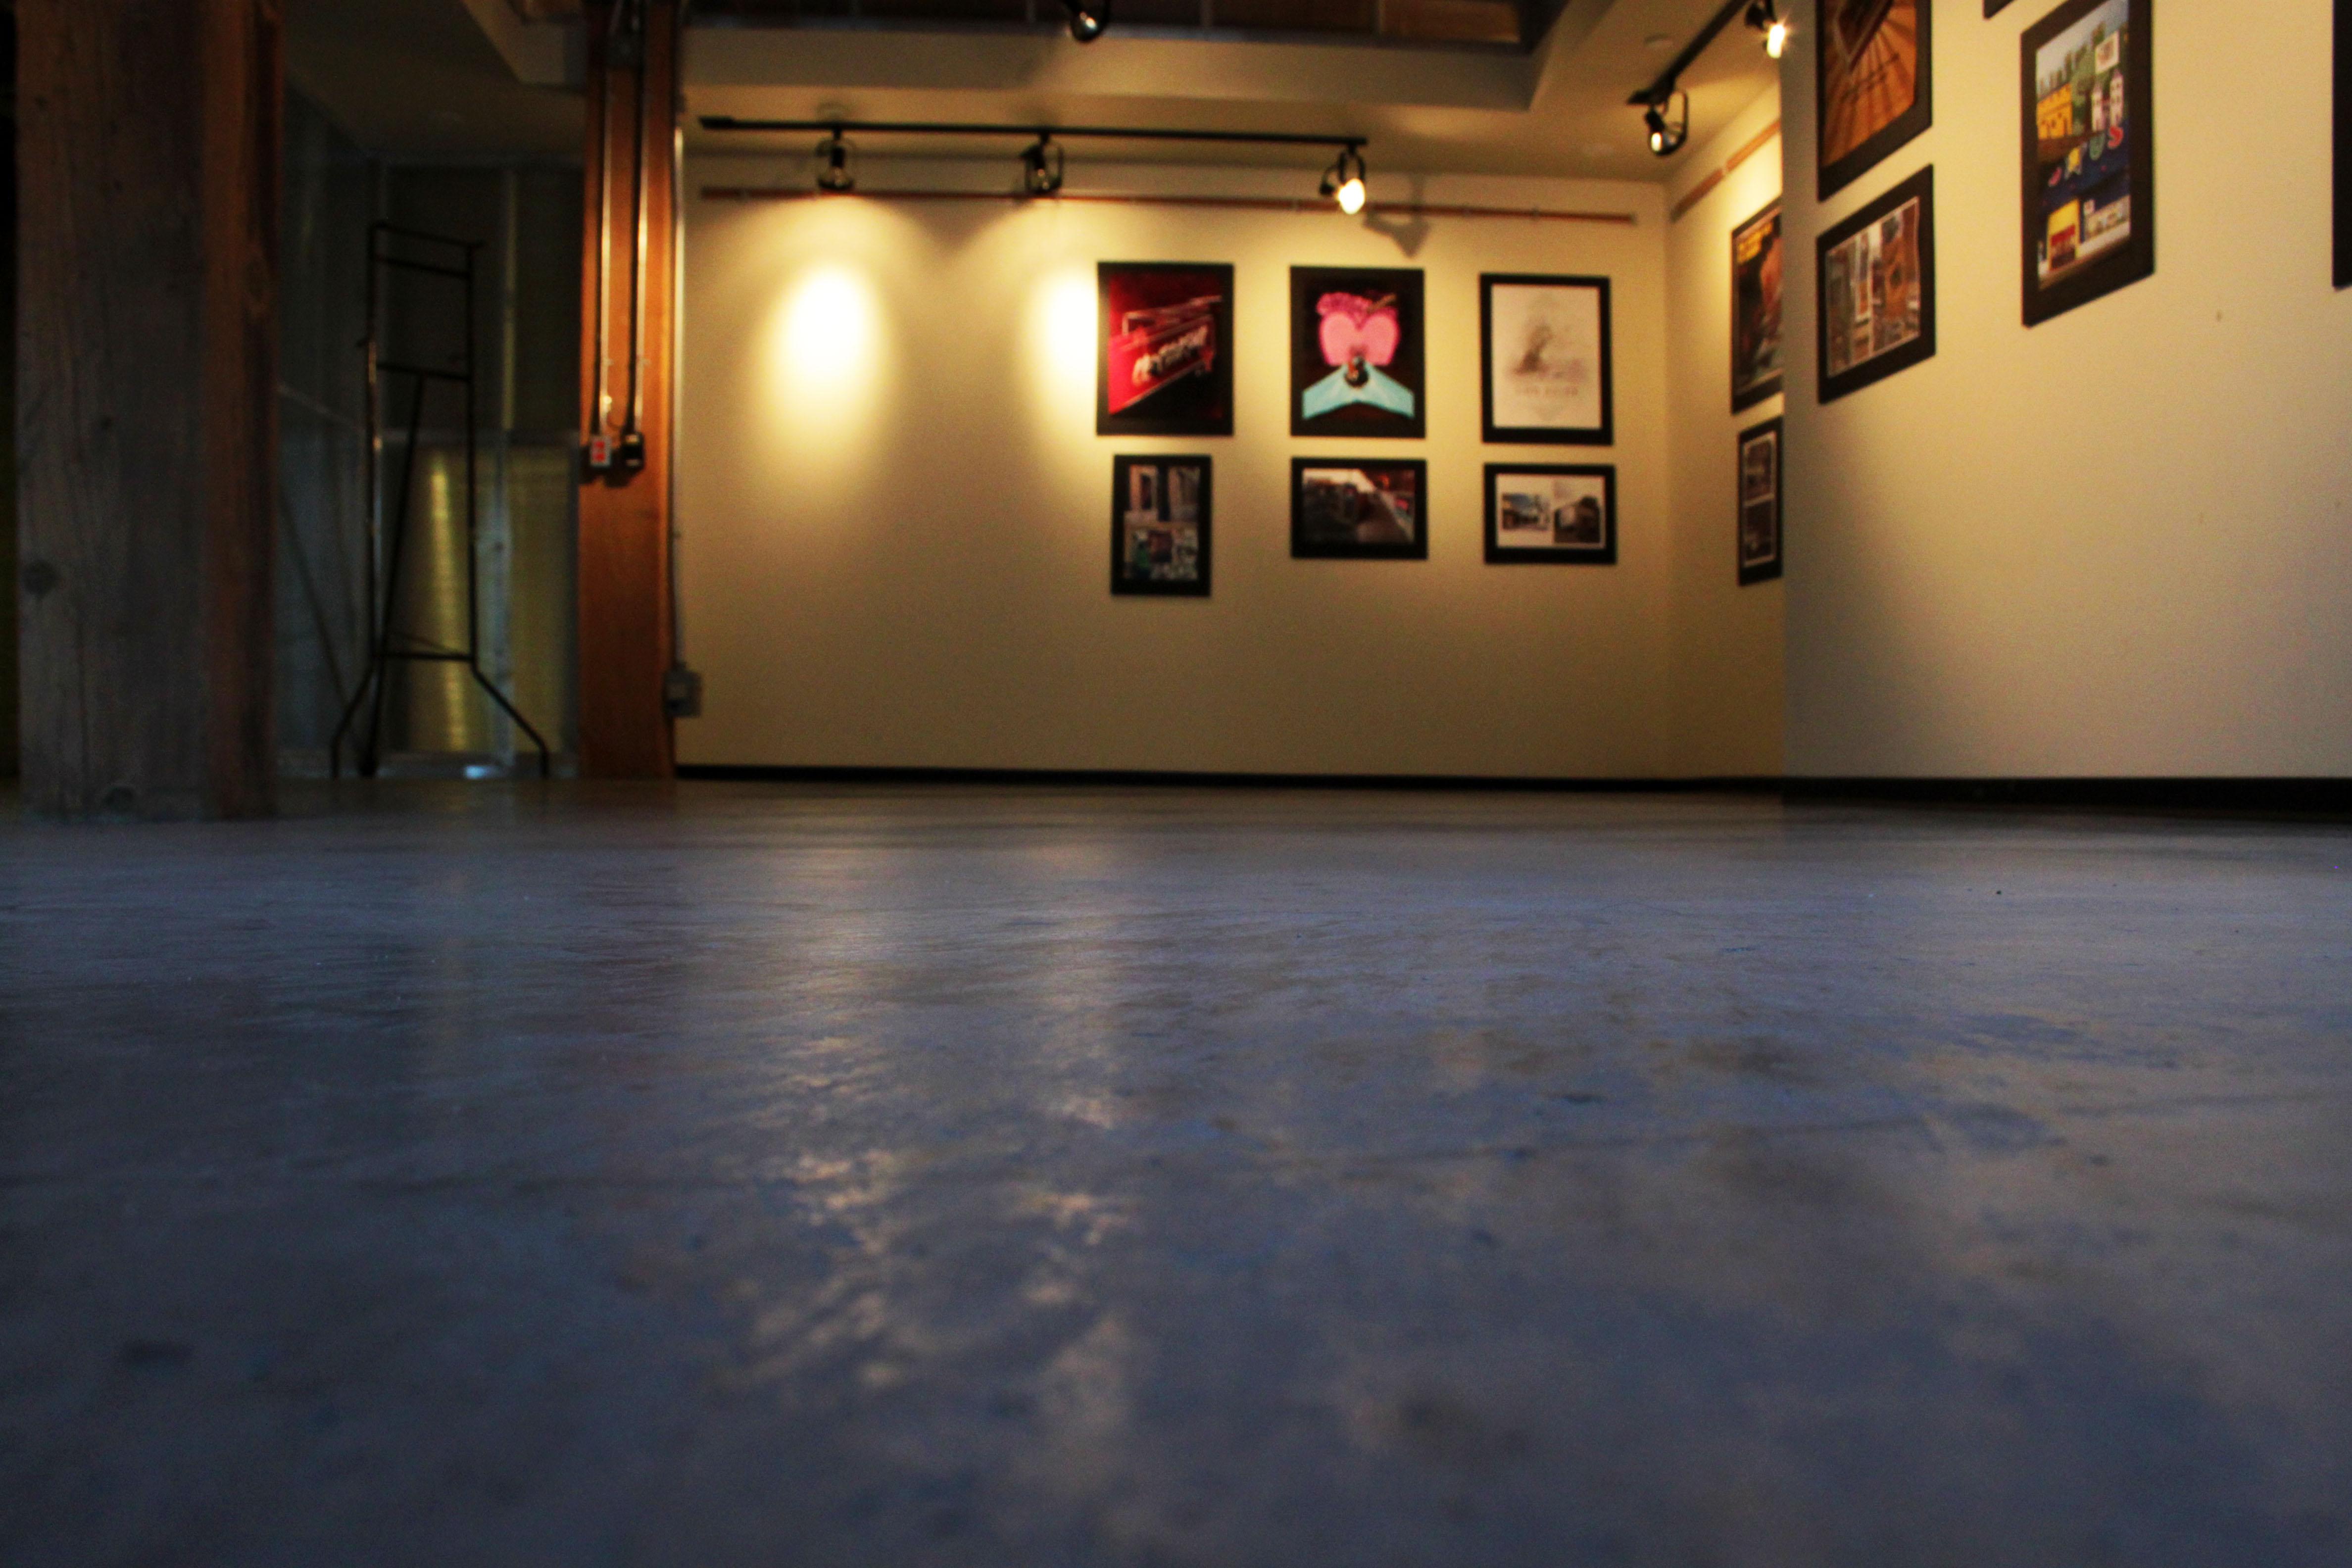 OnWard Gallery inside